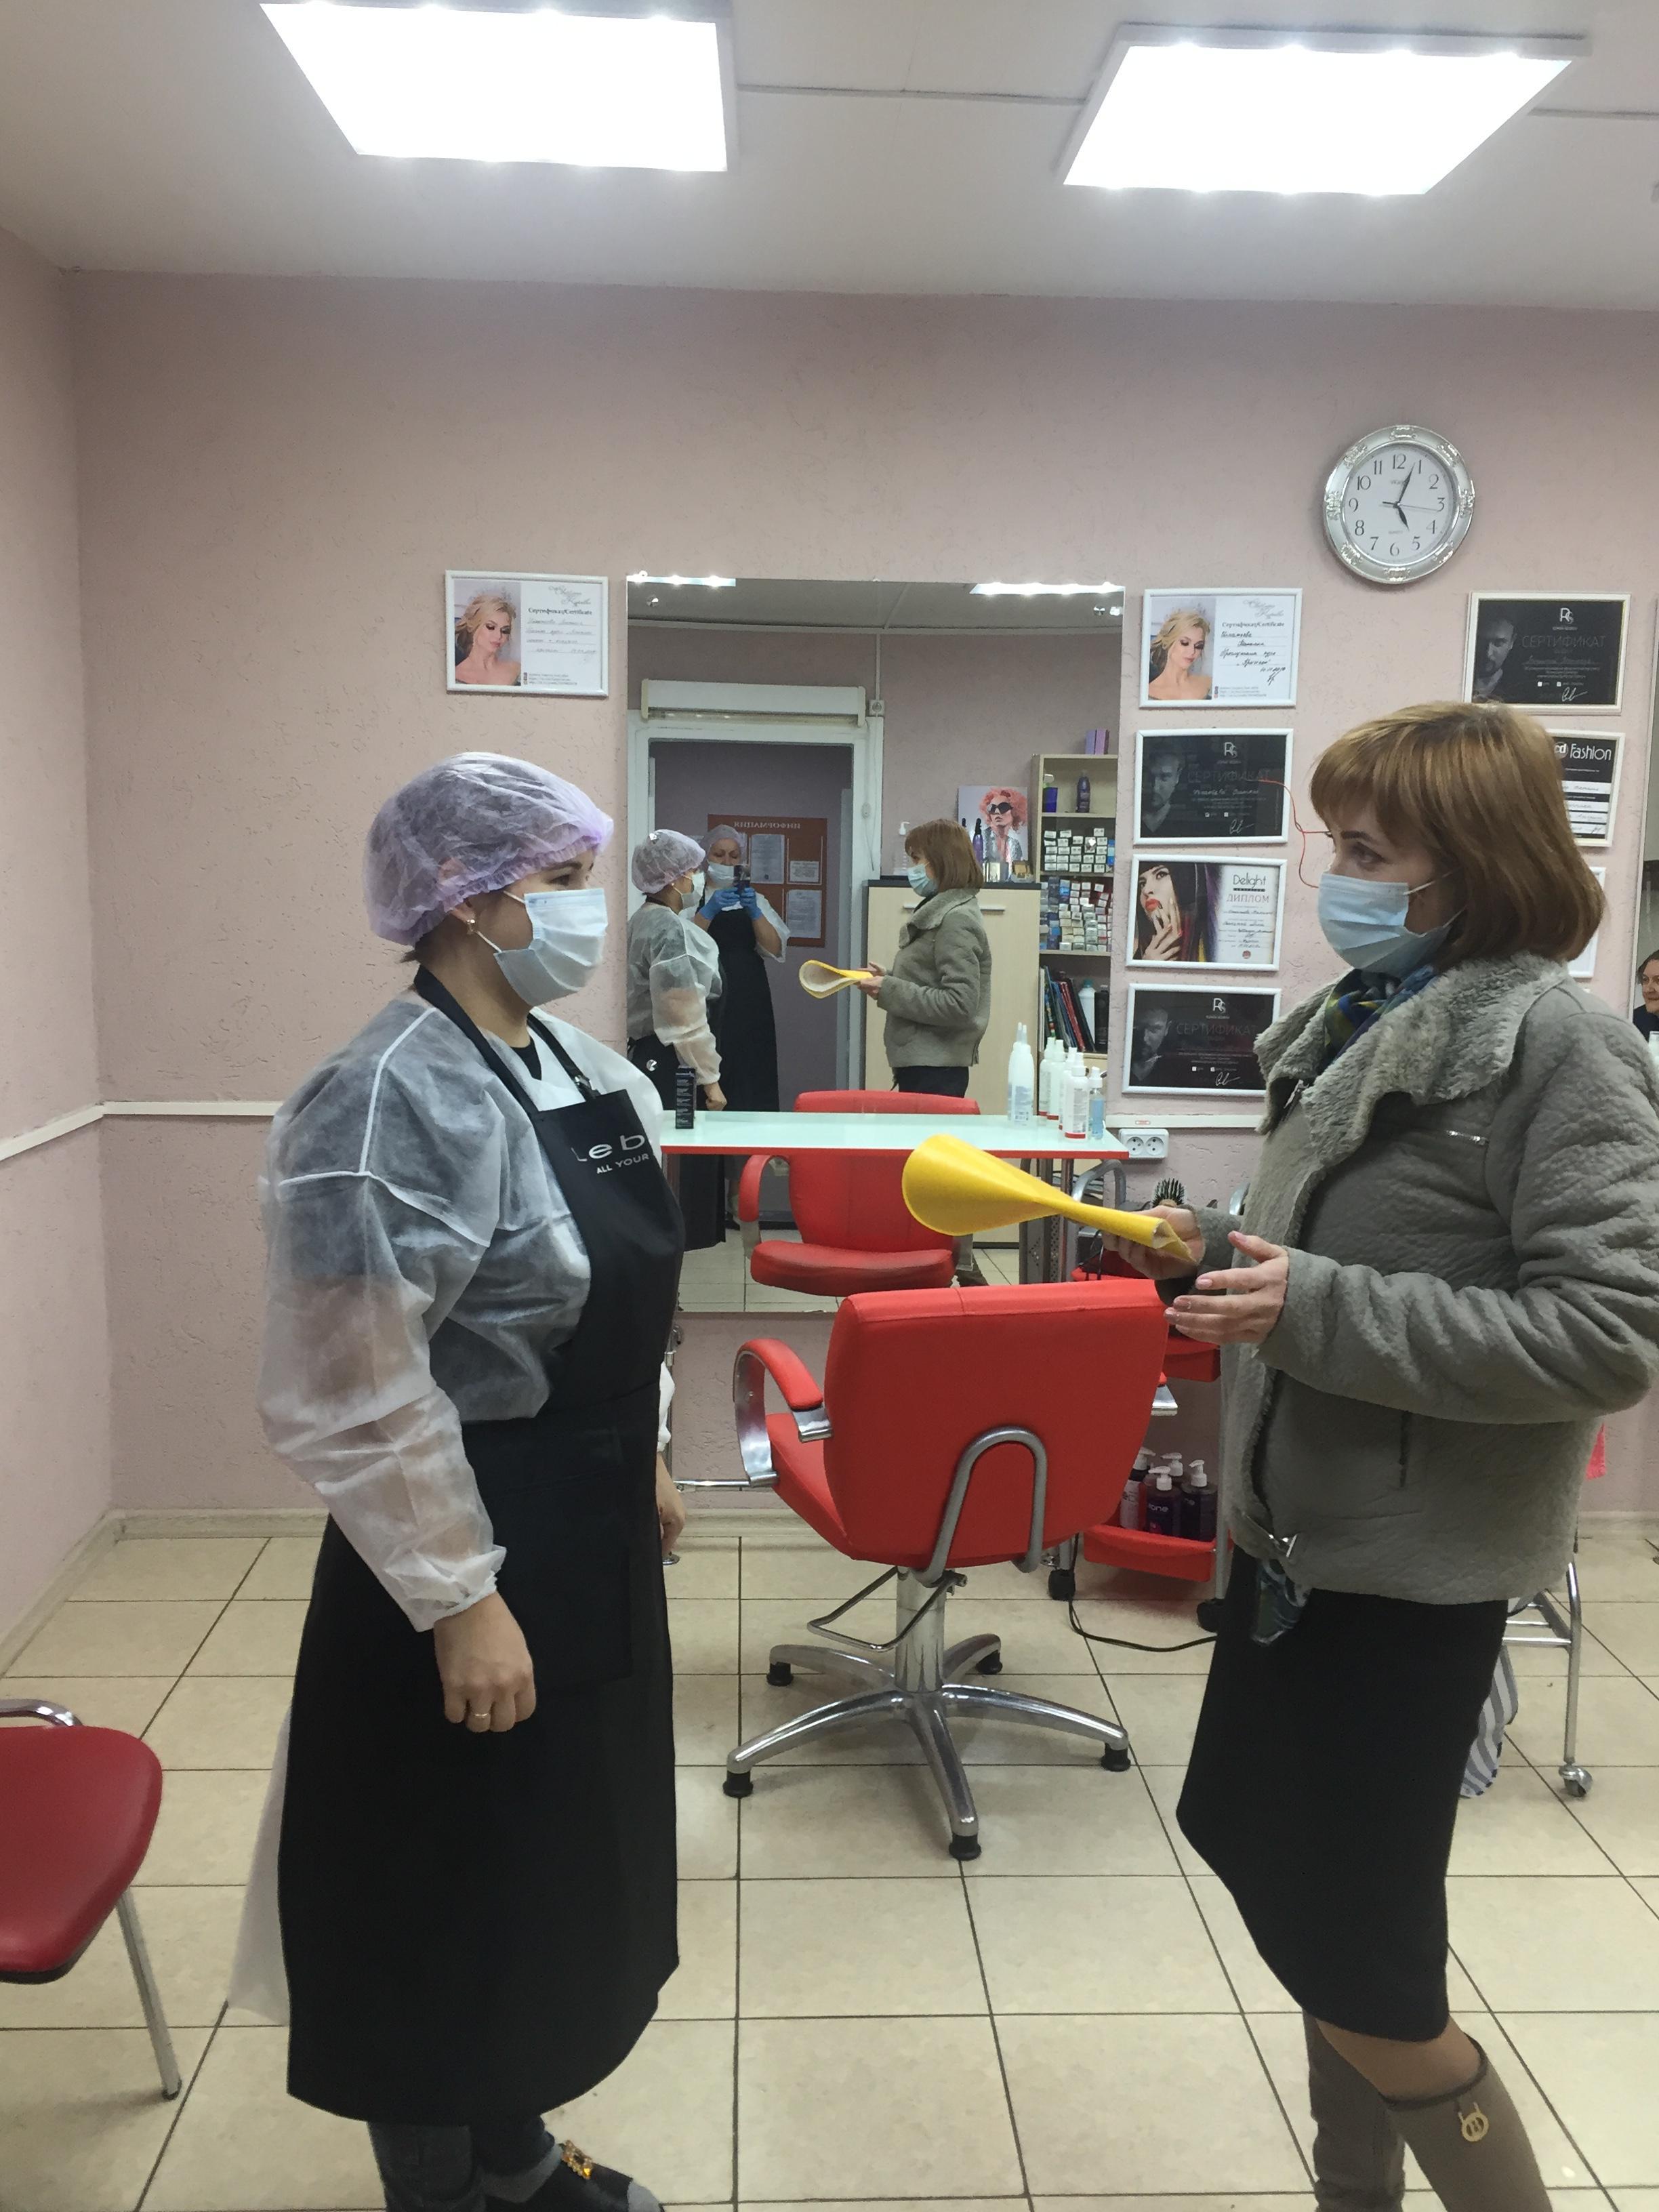 В Кузнецке продолжаются рейды по соблюдению санитарных требований